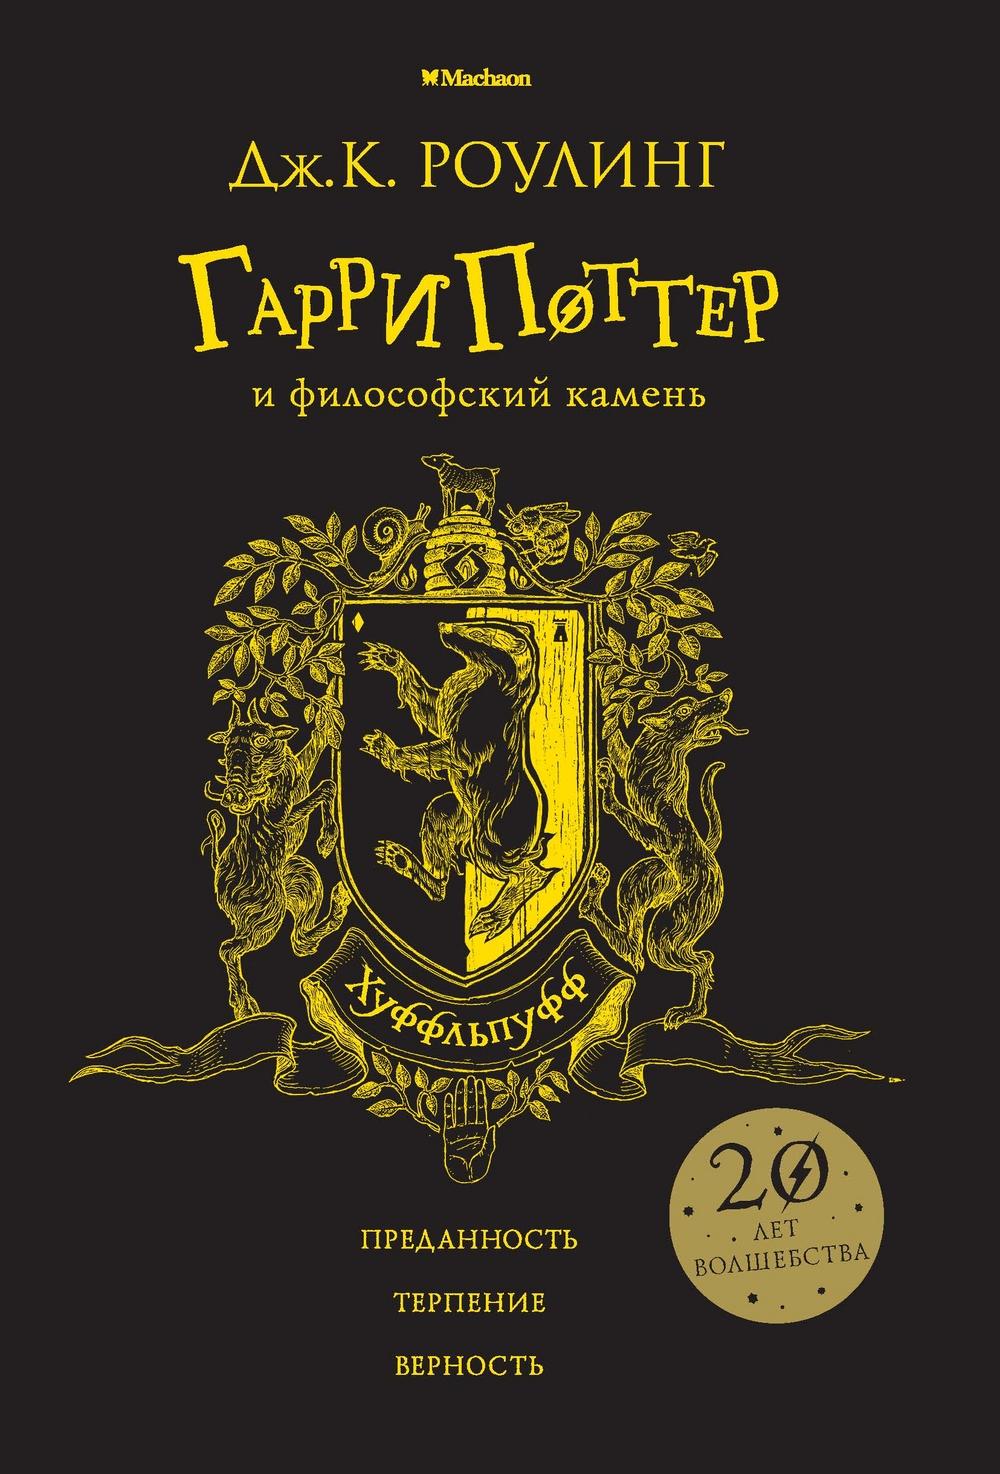 Гарри Поттер и философский камень: Хуффльпуфф